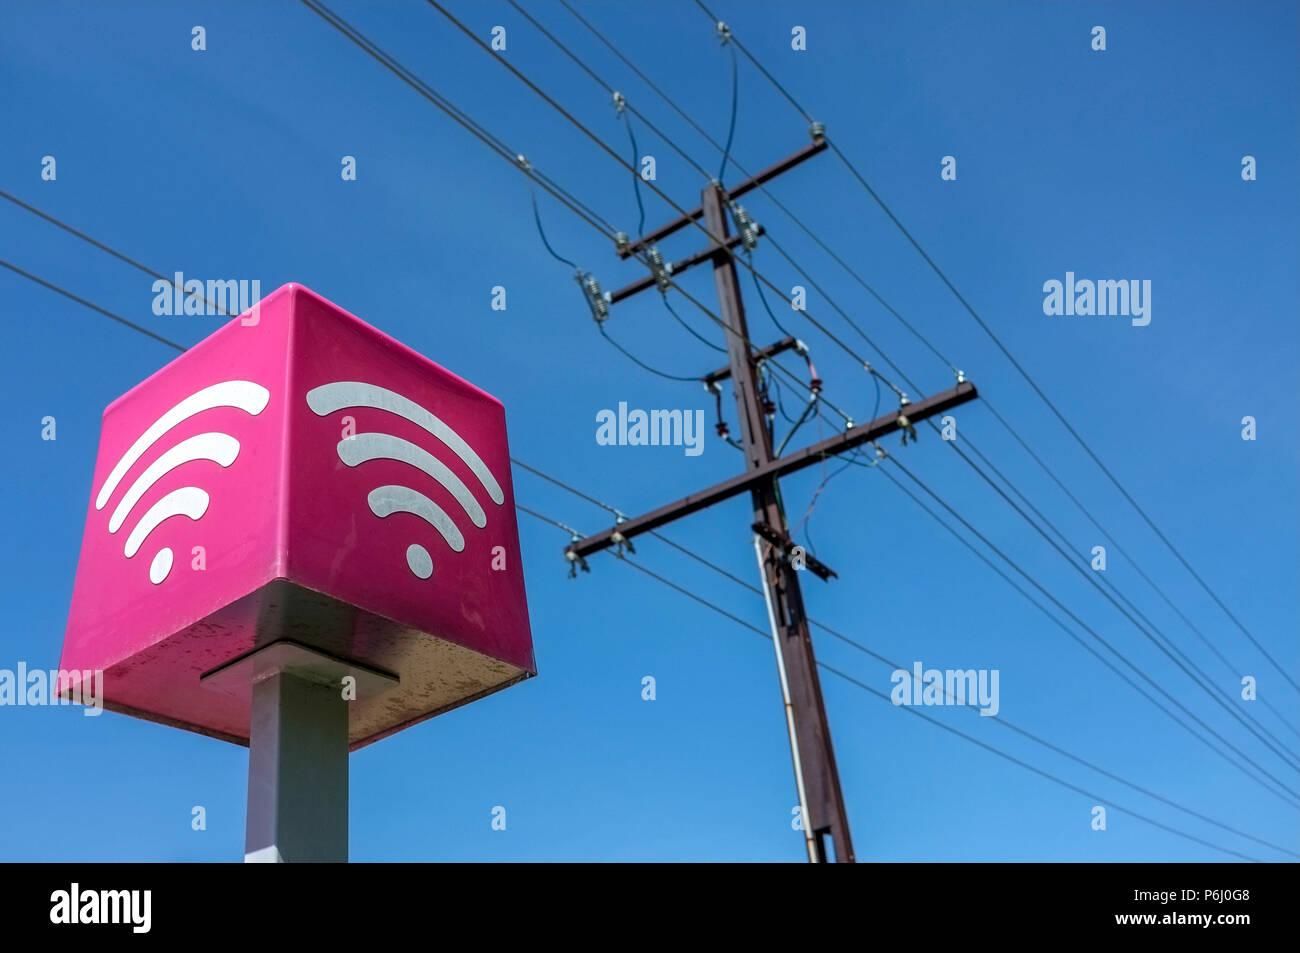 Las líneas de teléfono y Wi-Fi firmar, contra un cielo azul. Imagen De Stock